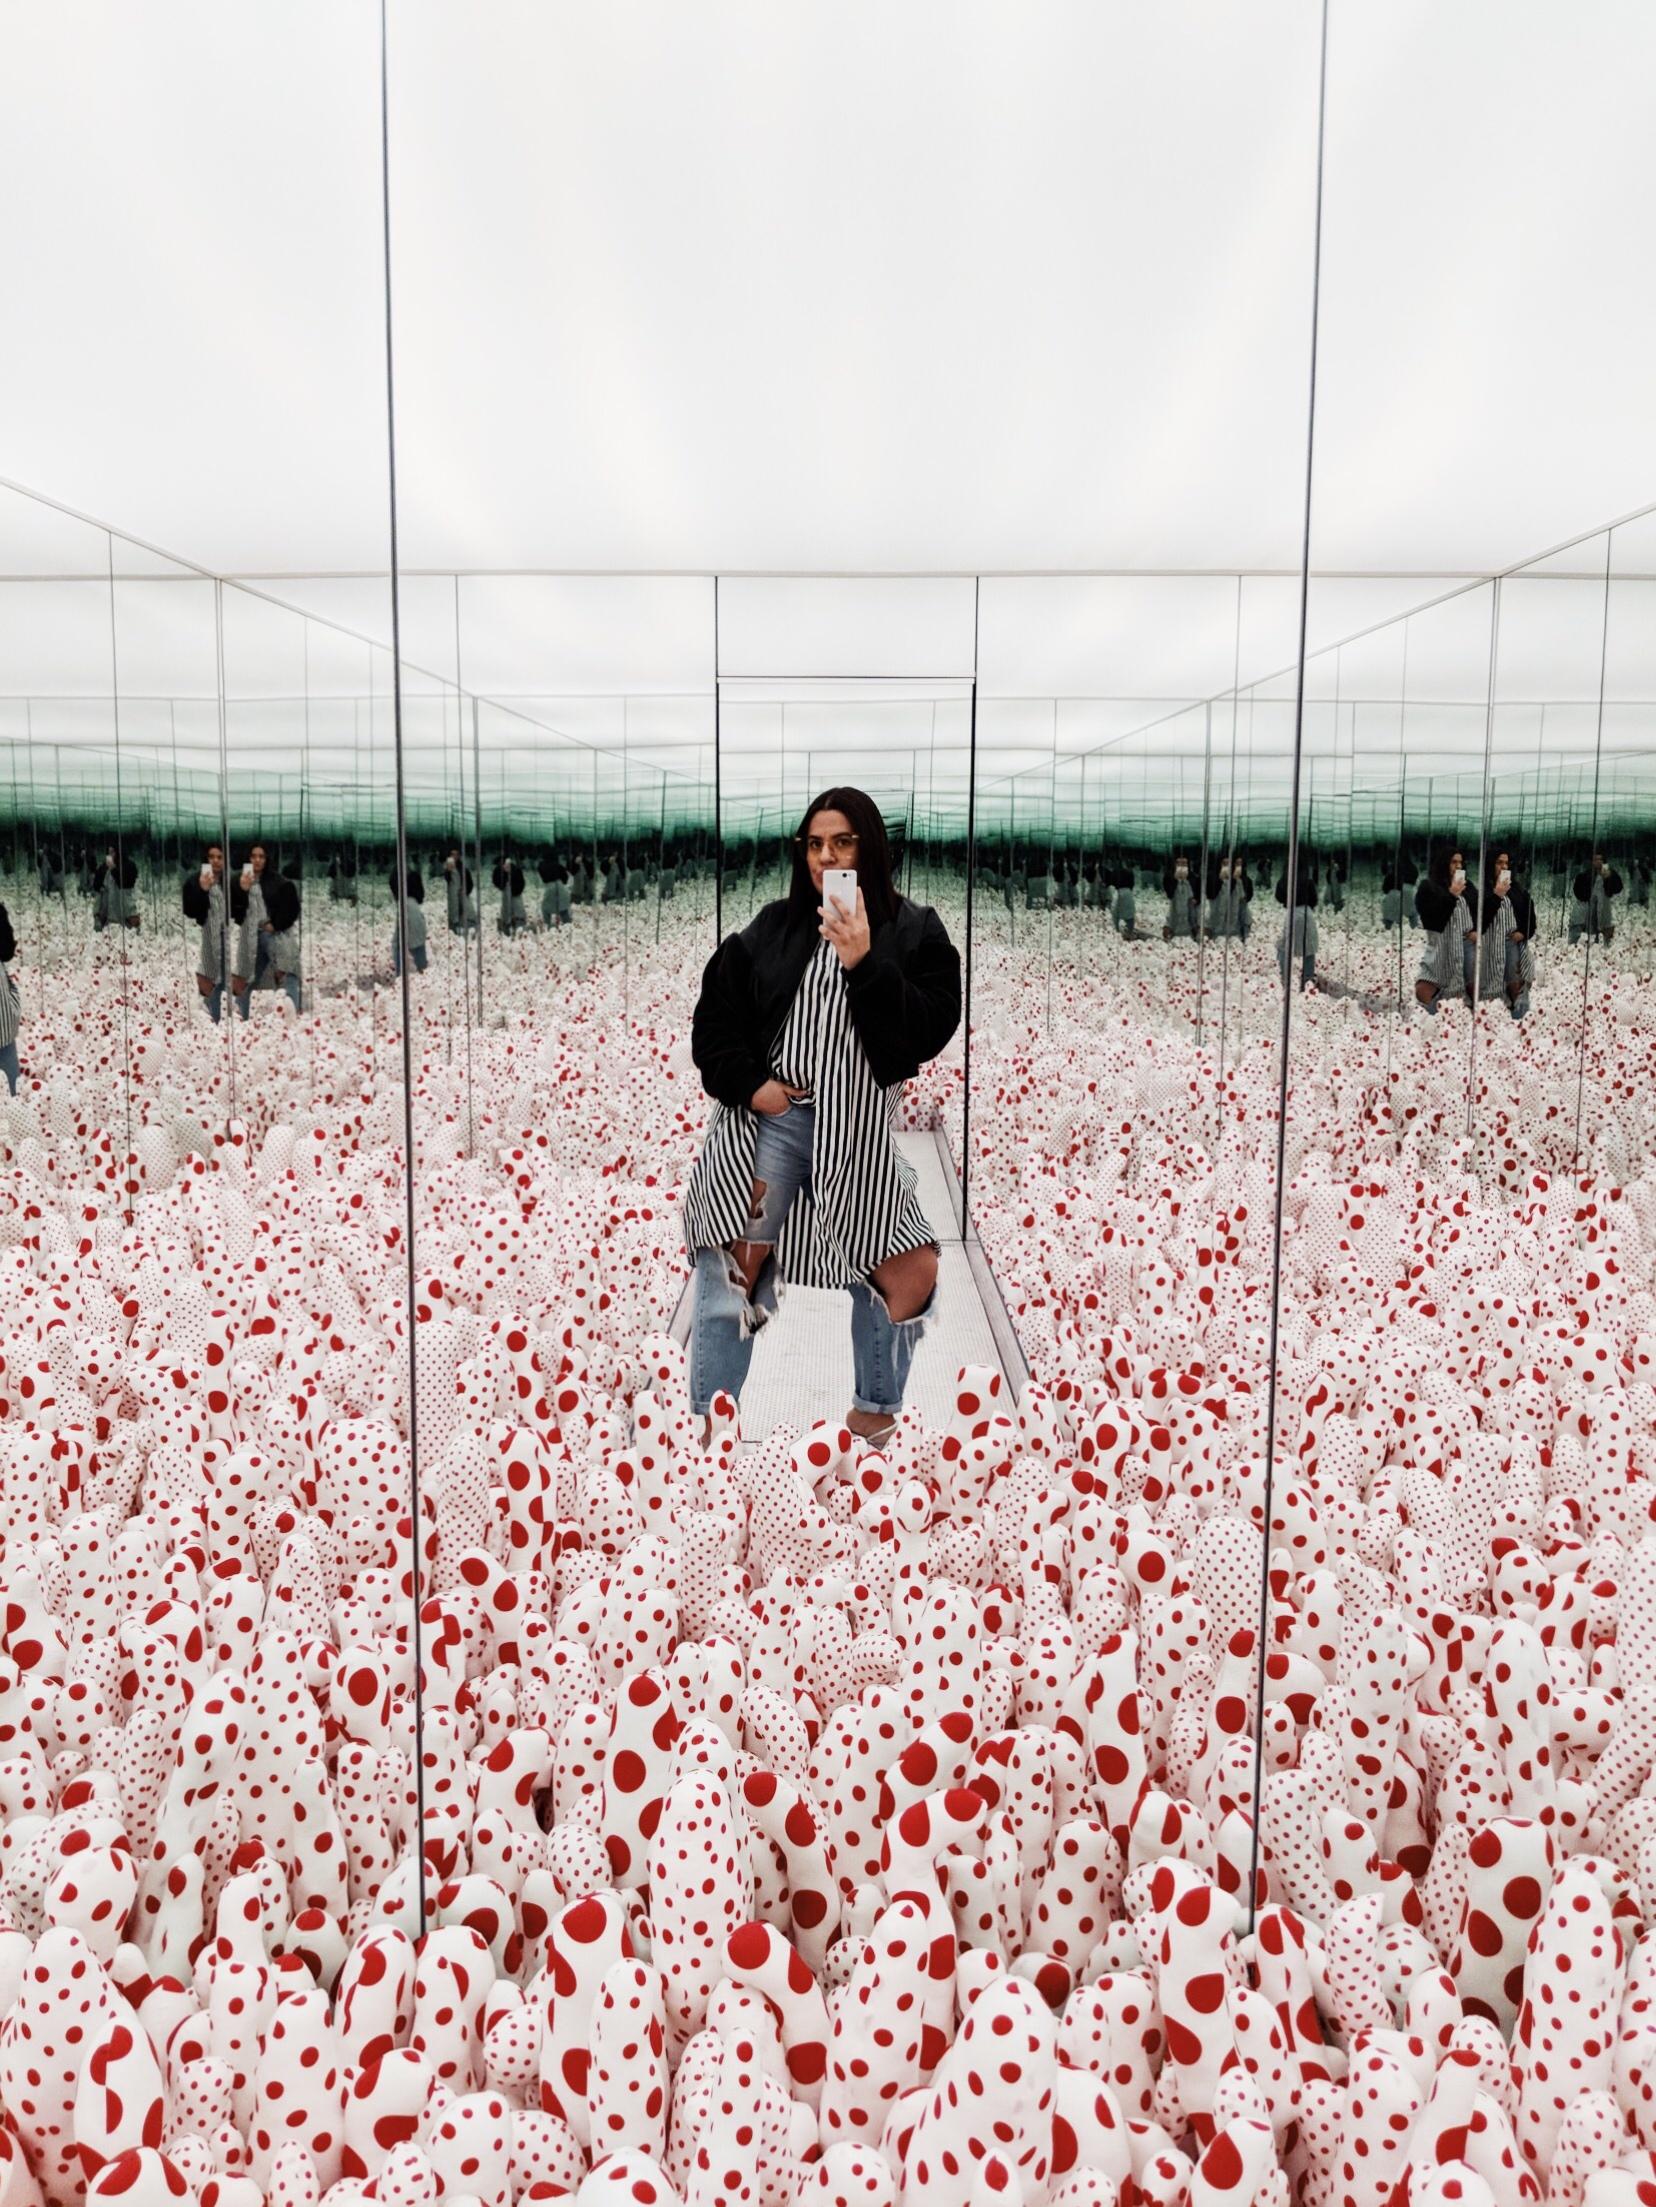 Yayoi Kusama at The Broad, Pixel 2 Camera